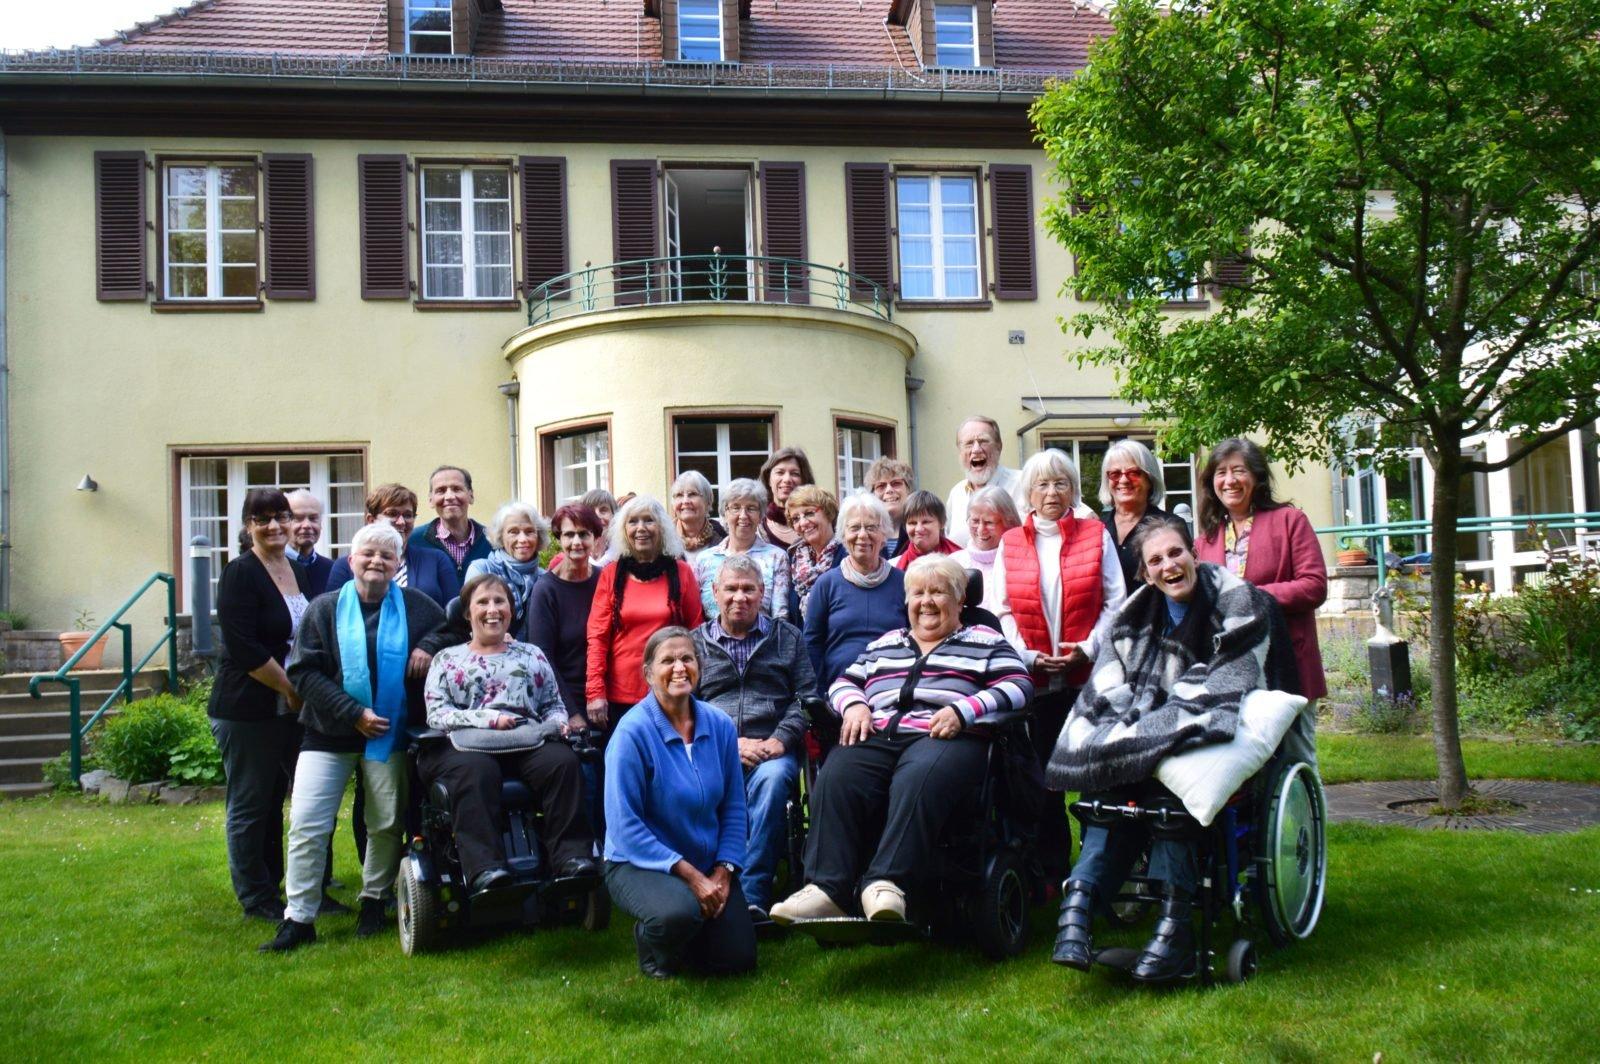 Eine Gruppe posiert vor einer Villa